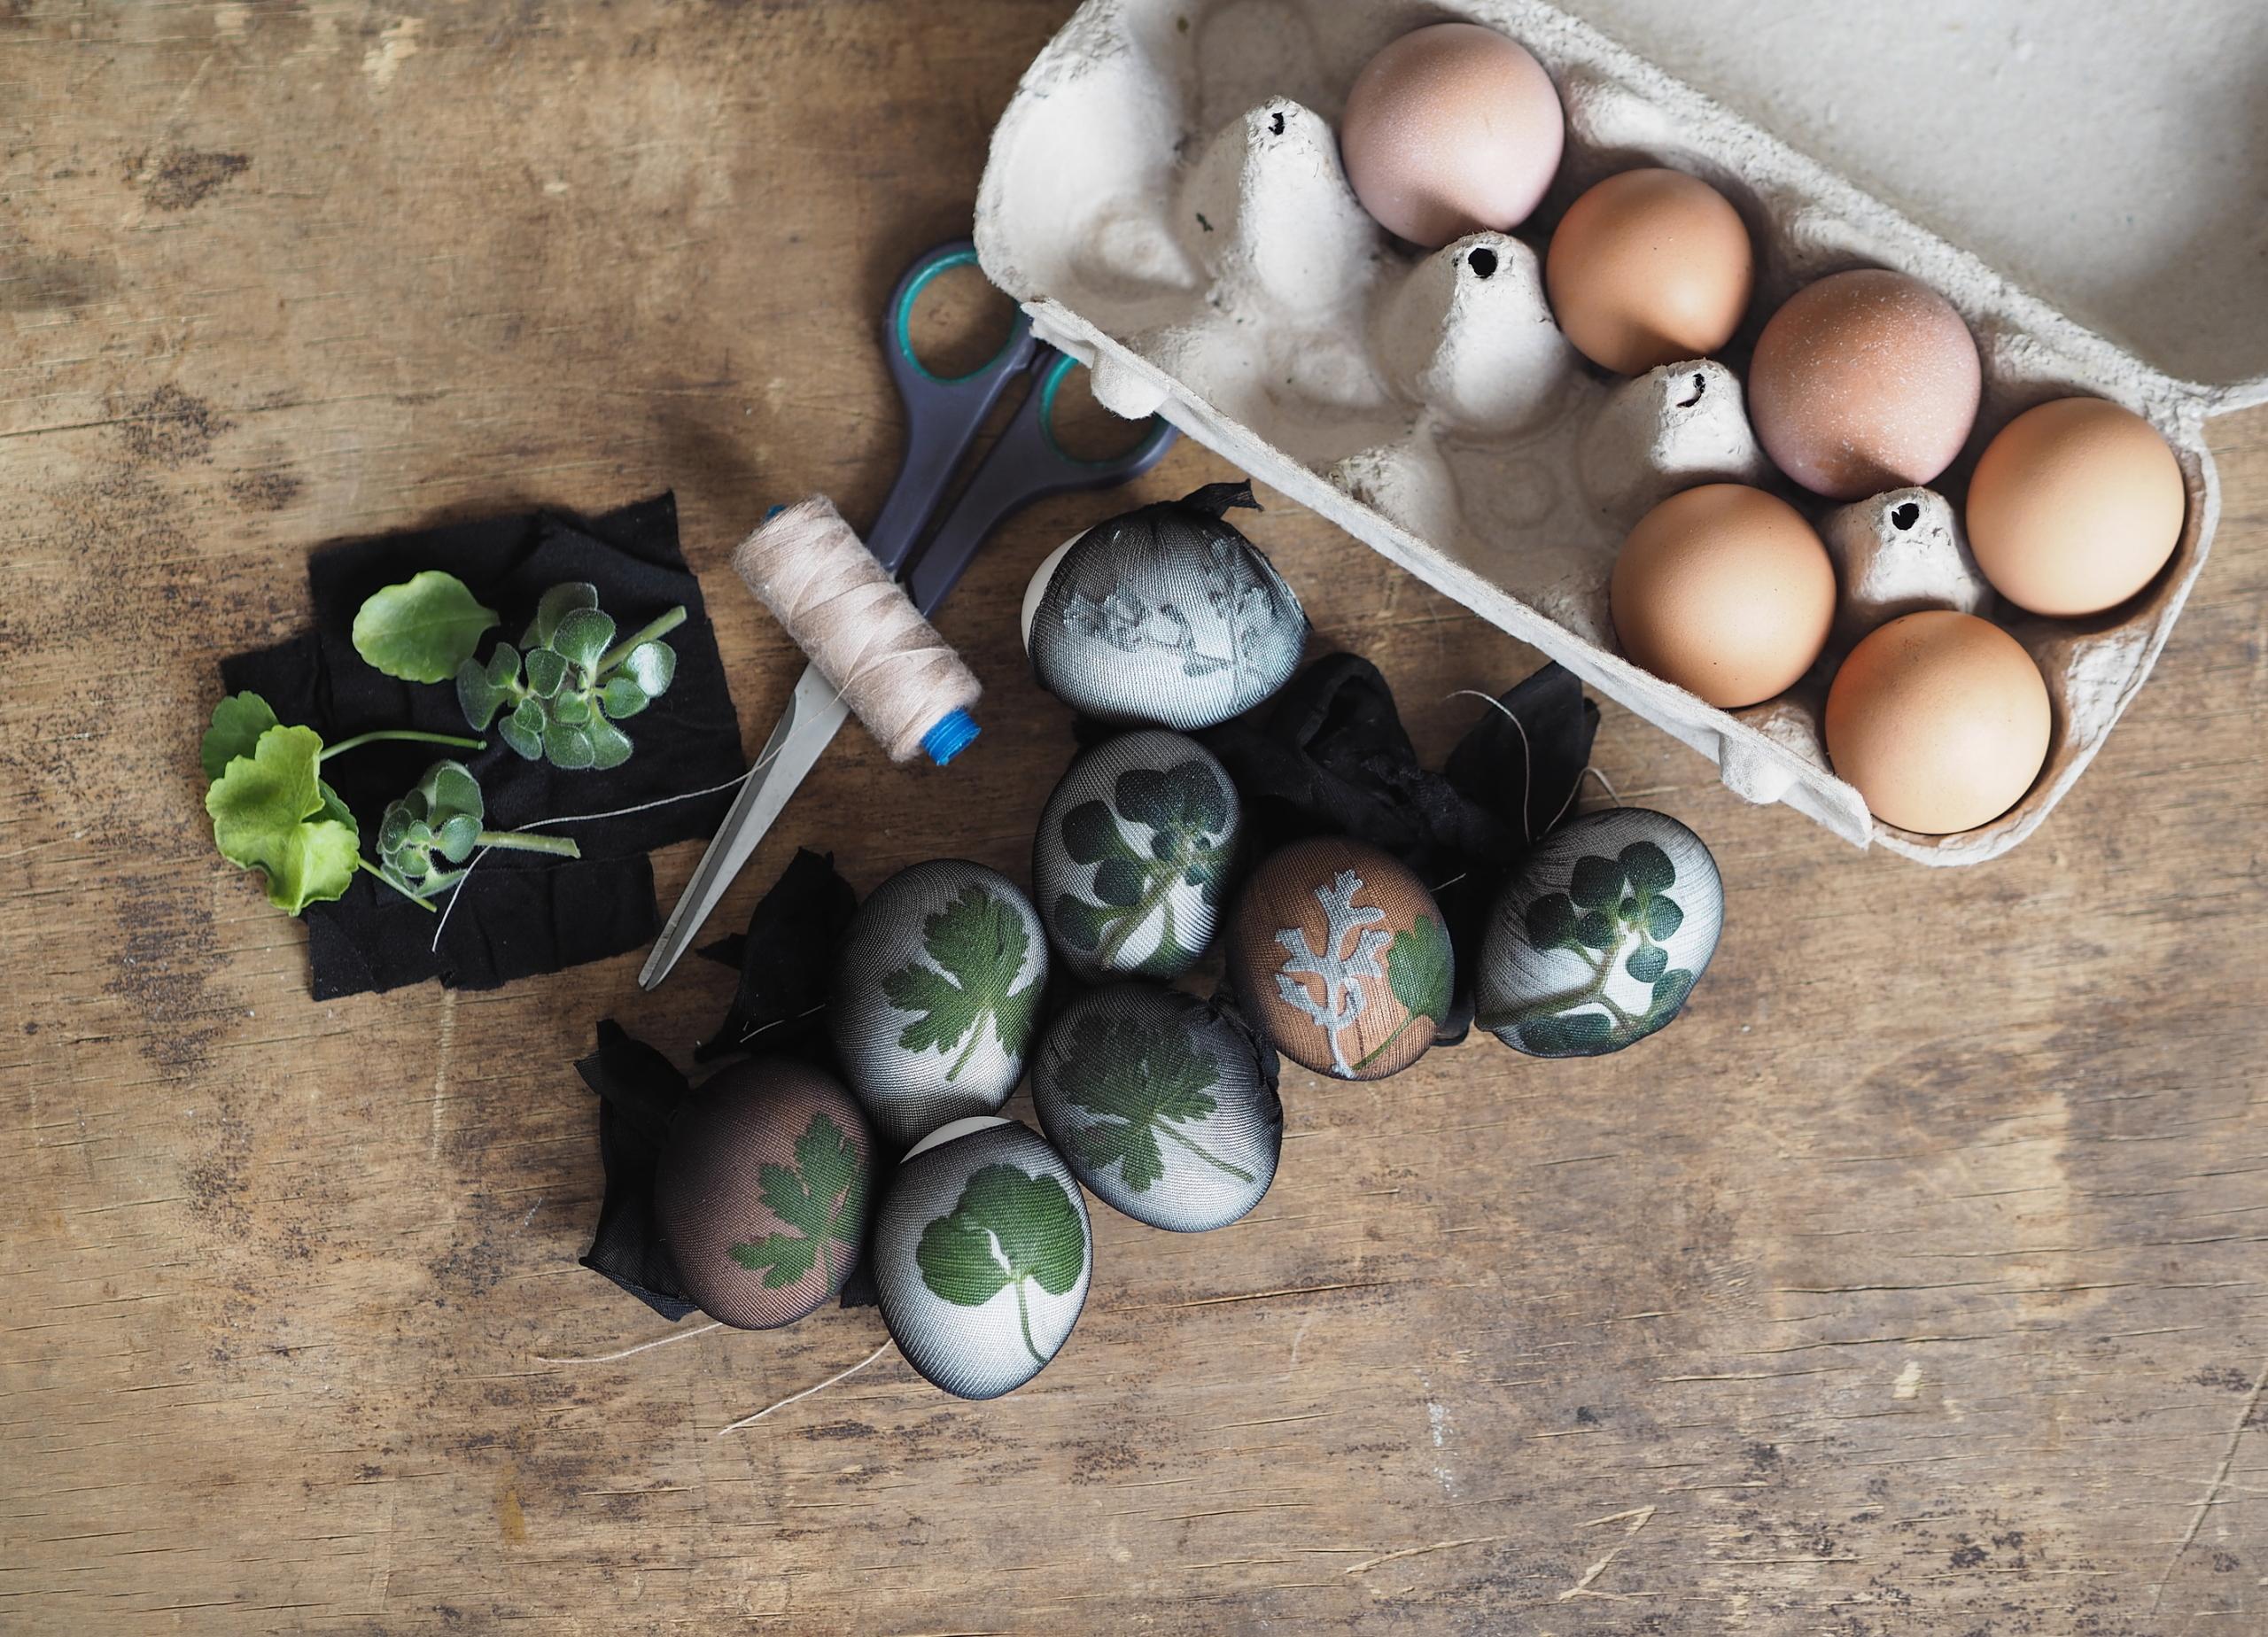 Las manualidades de Rosaleda Kids Club proceso de docoración de los huevos